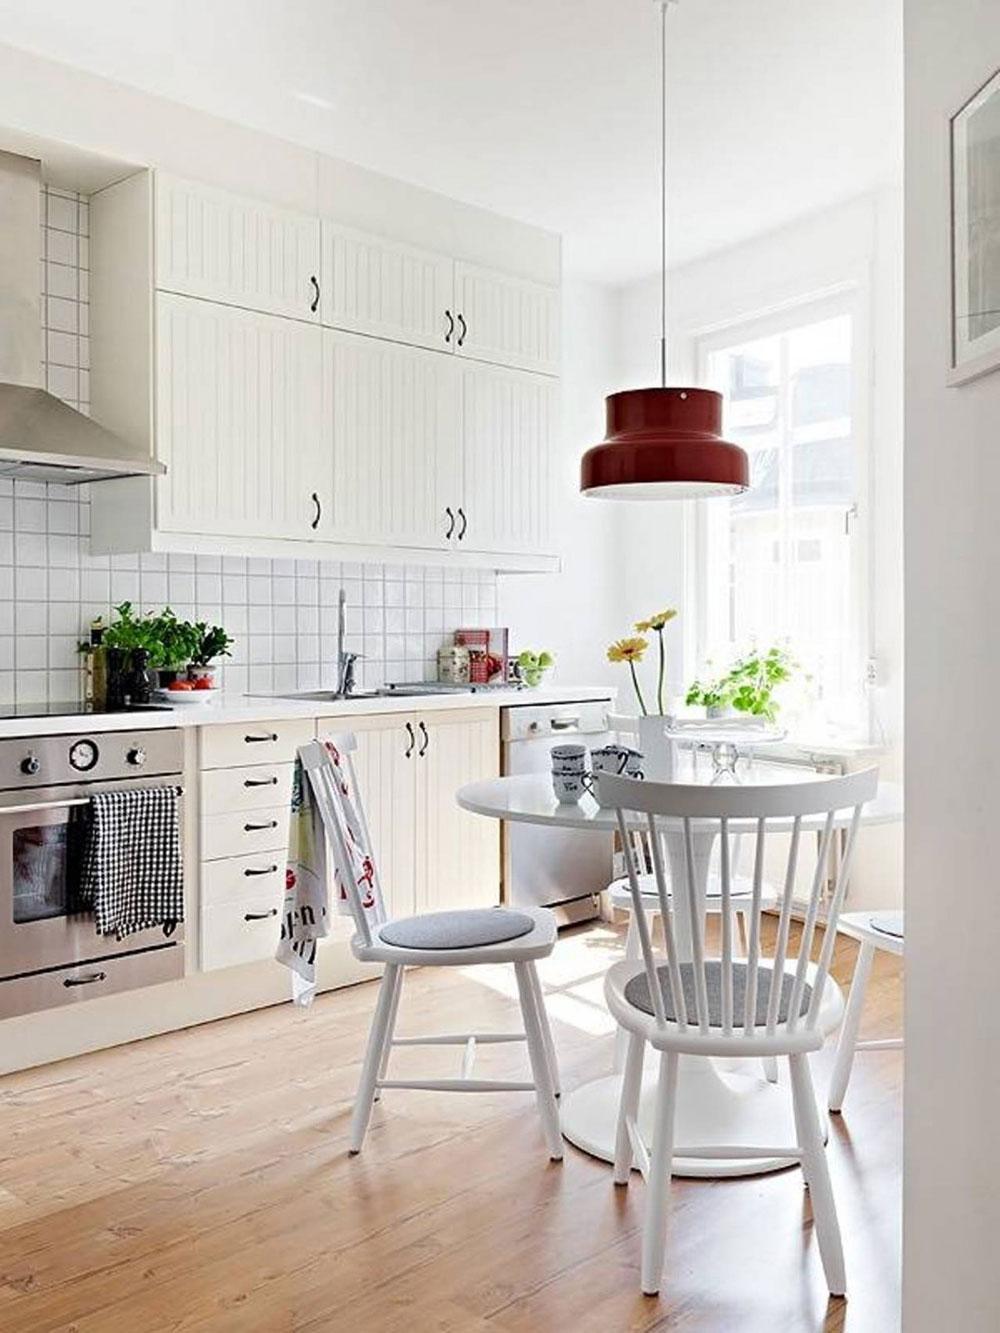 Intressant-interiör-design-idéer-för-en-lägenhet-6 Intressant-interiör-design-idéer för en lägenhet